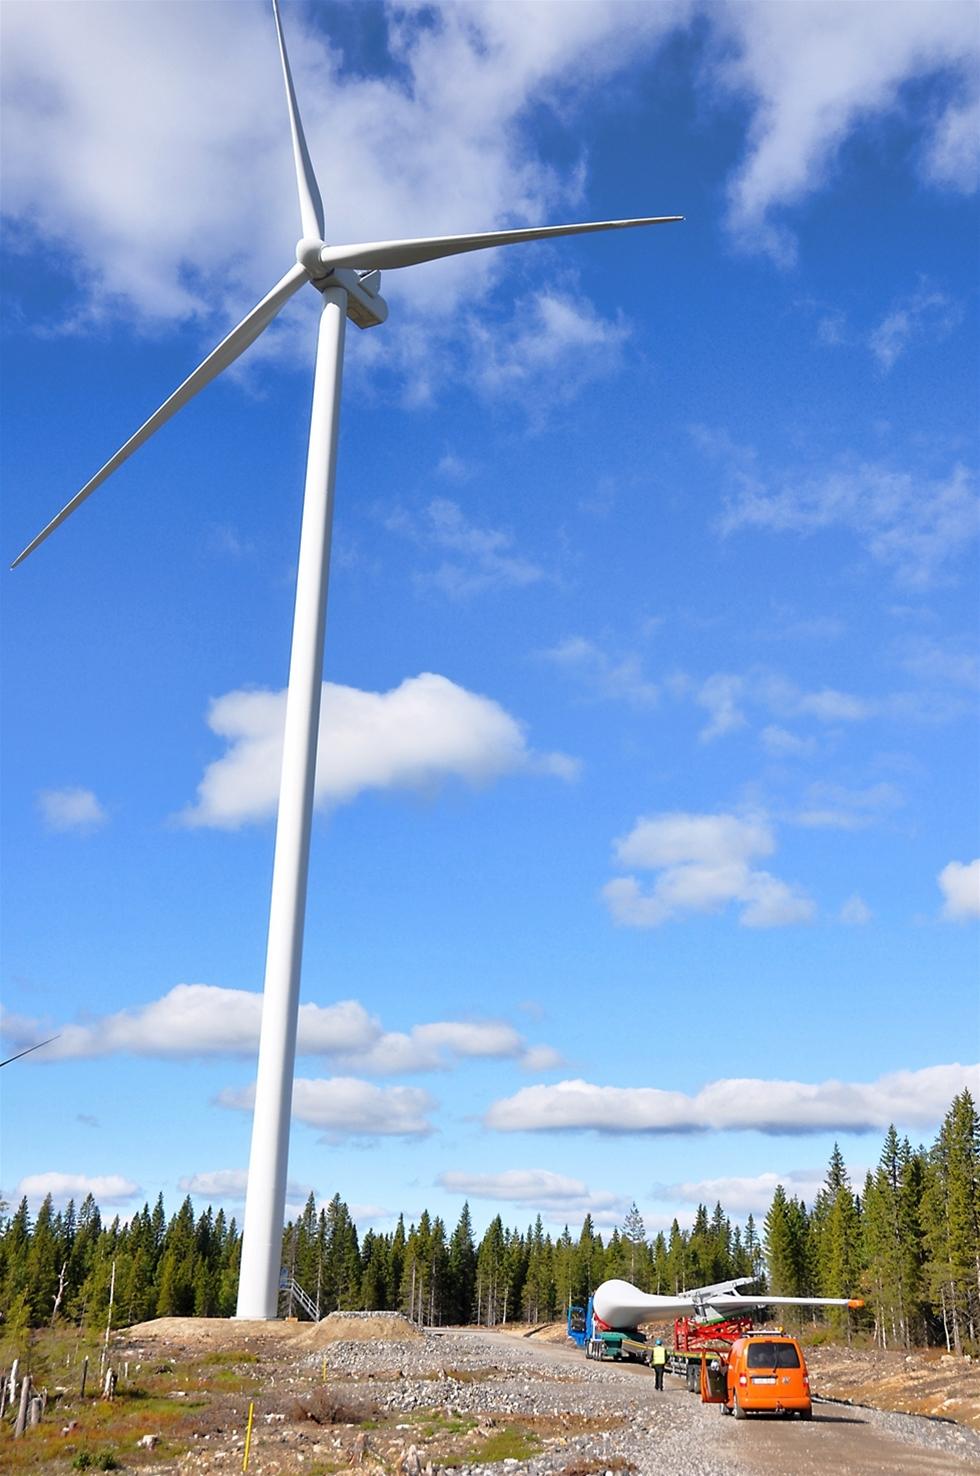 Nästan ett år efter besöket på bygget av vindkraftparken i Fäbodliden sträcker sig flera snurror mot skyn. Av 24 planerade vindkraftverk är åtta färdigmonterade av danska Vestas. Hela tiden kommer specialbyggda trailers från Umeå hamn med rotorblad och rördelar.